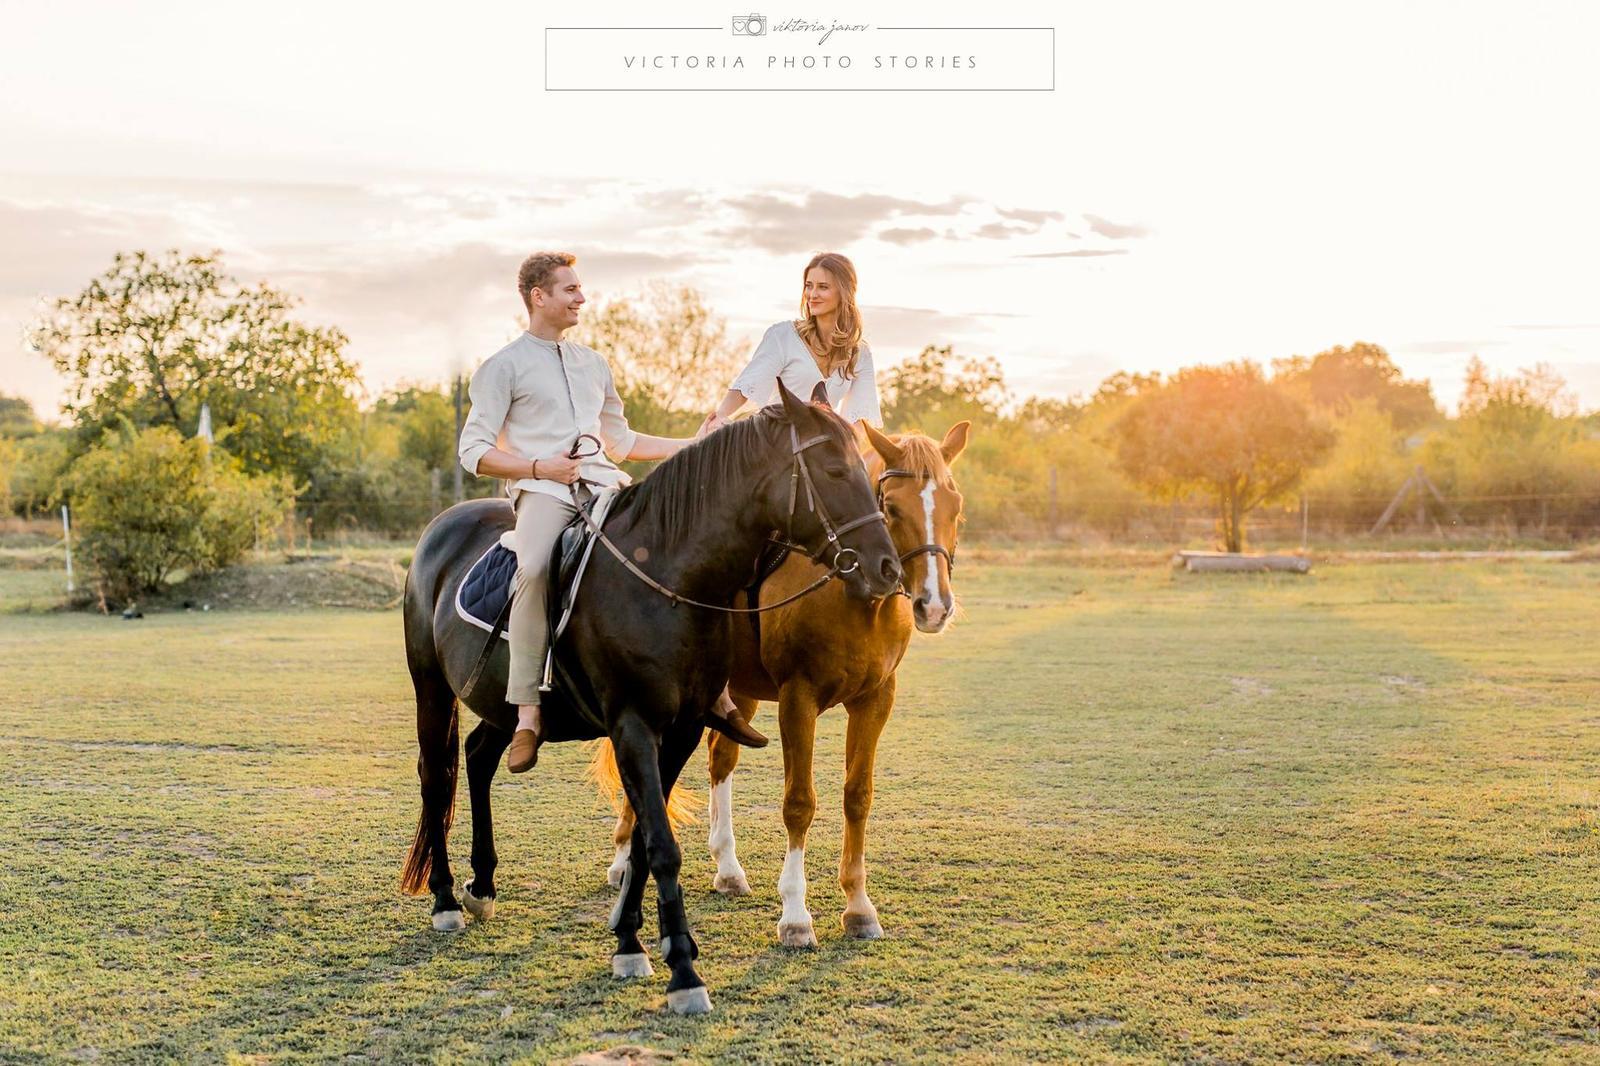 Predsvadobné fotenie s koníkmi  :) - Obrázok č. 11